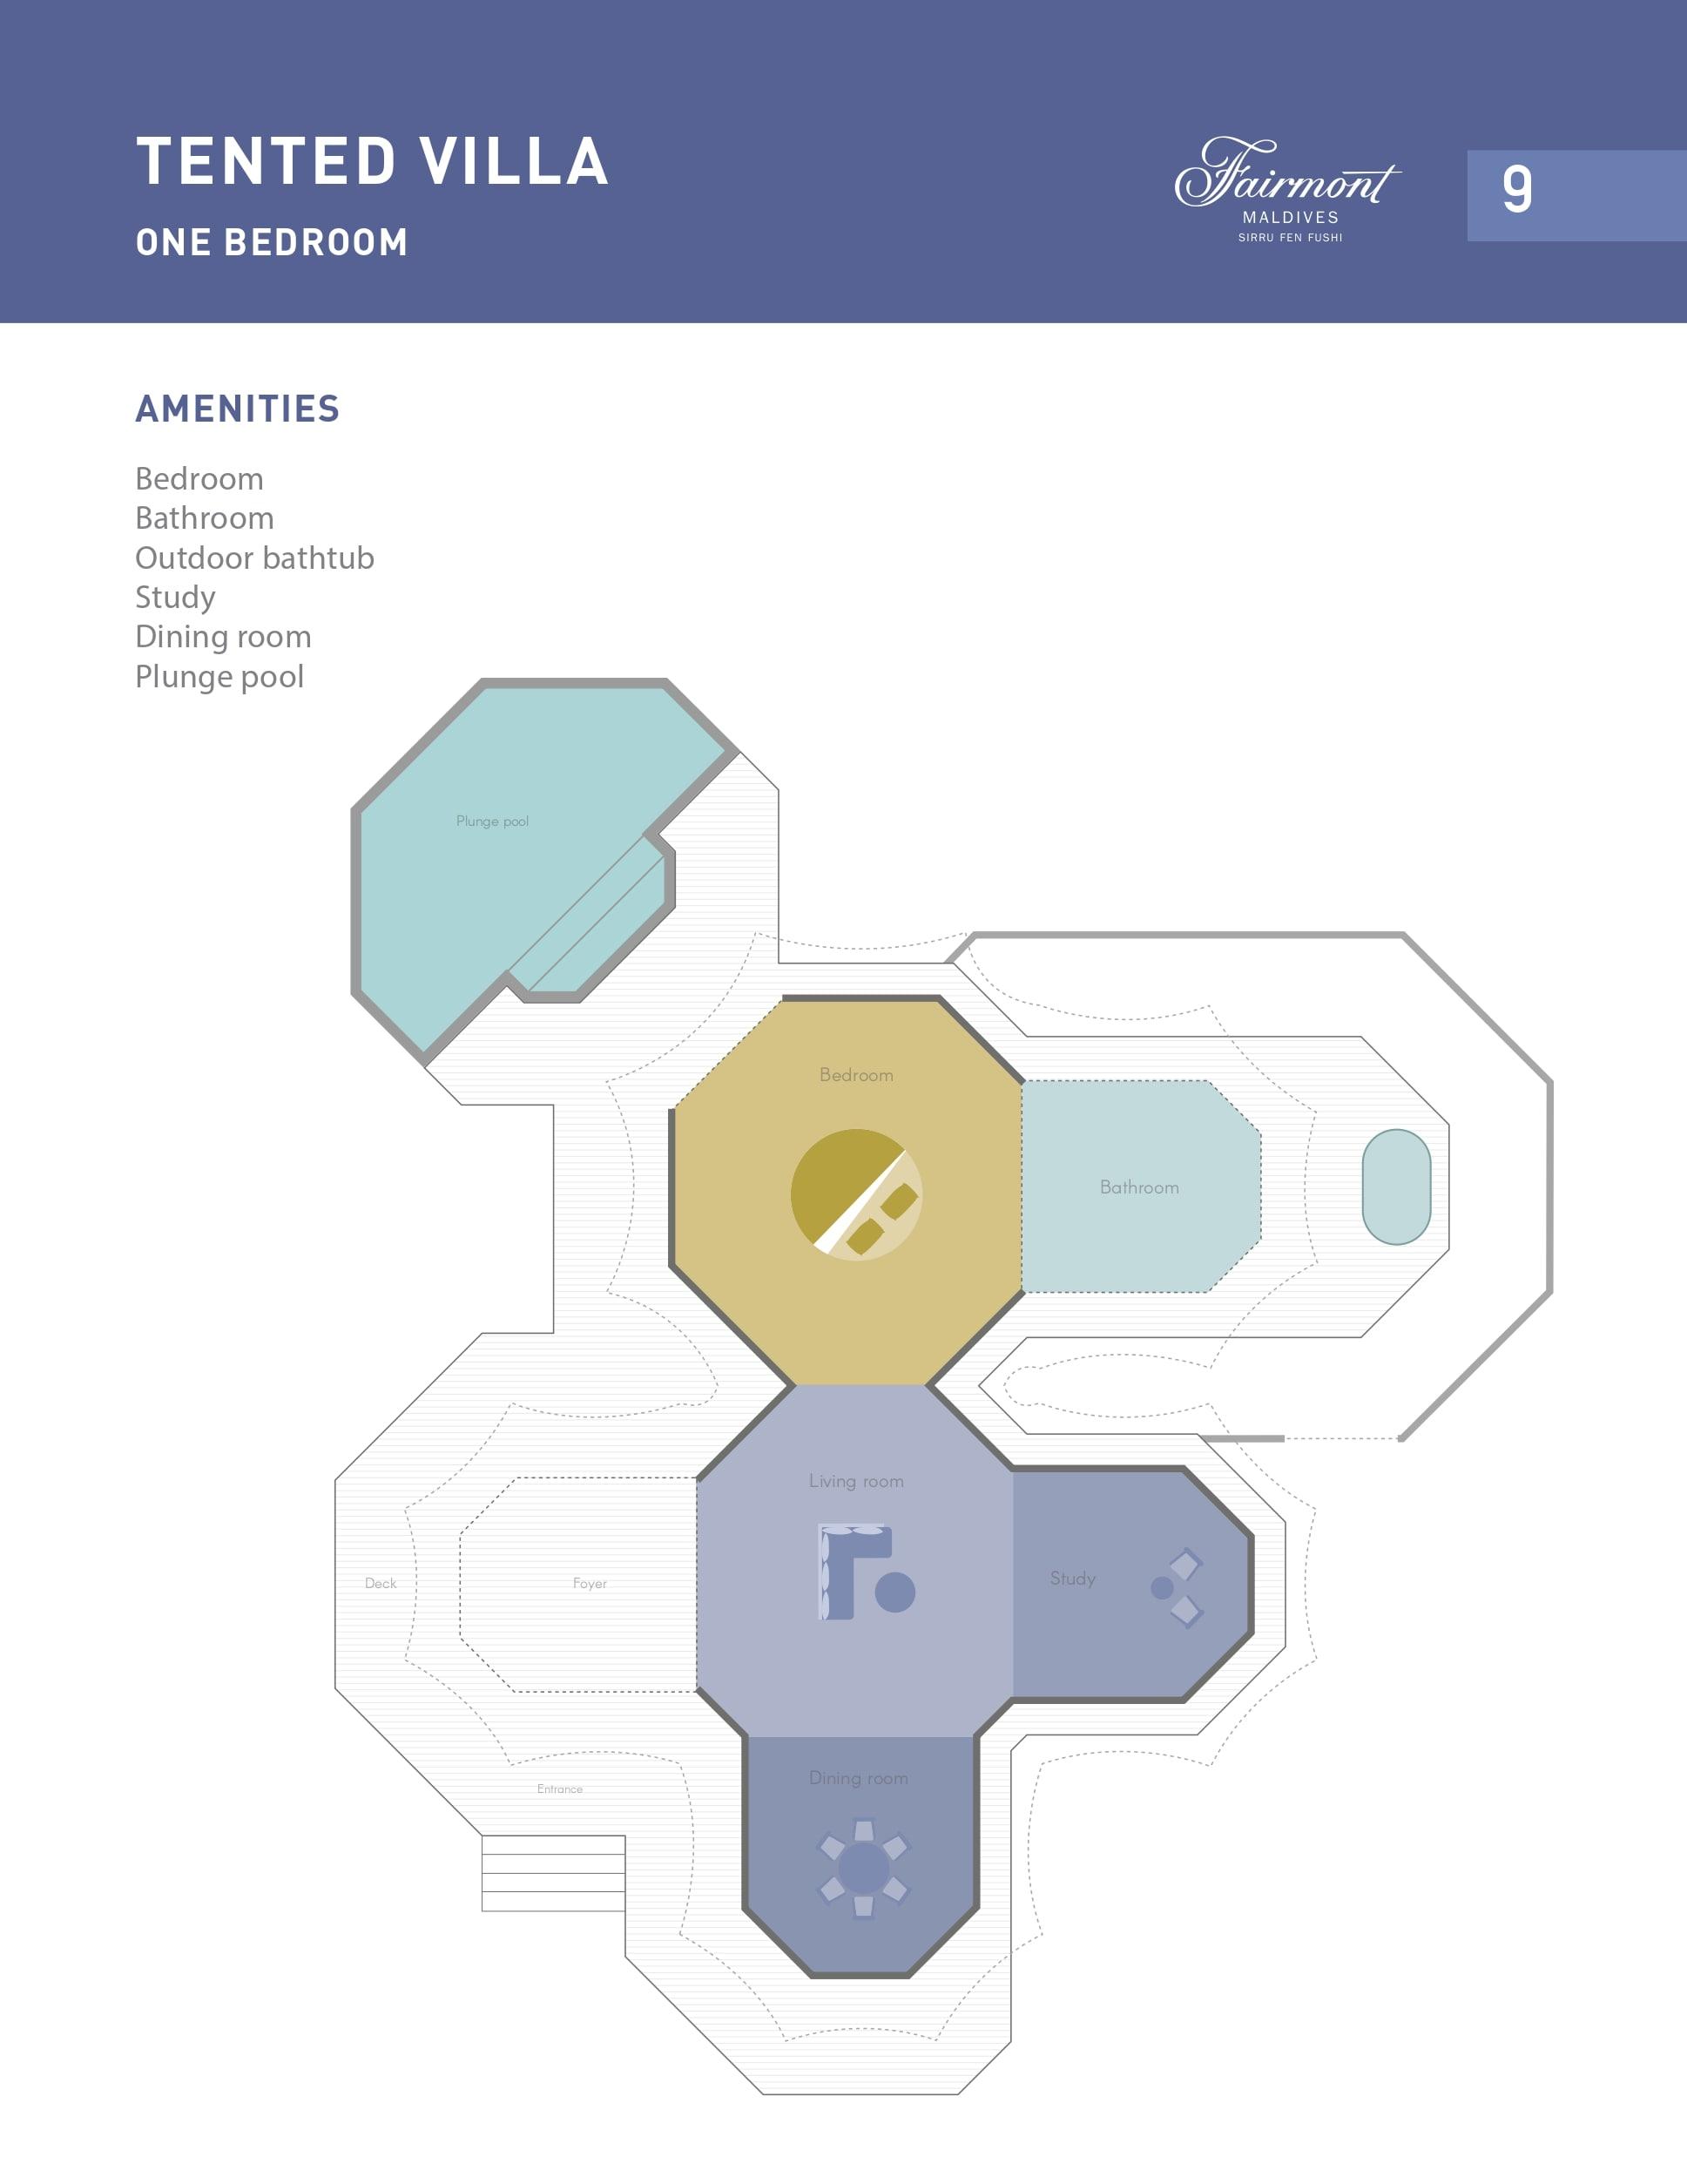 Мальдивы, отель Fairmont Maldives Sirru Fen Fushi, план-схема номера Tented Jungle Villa